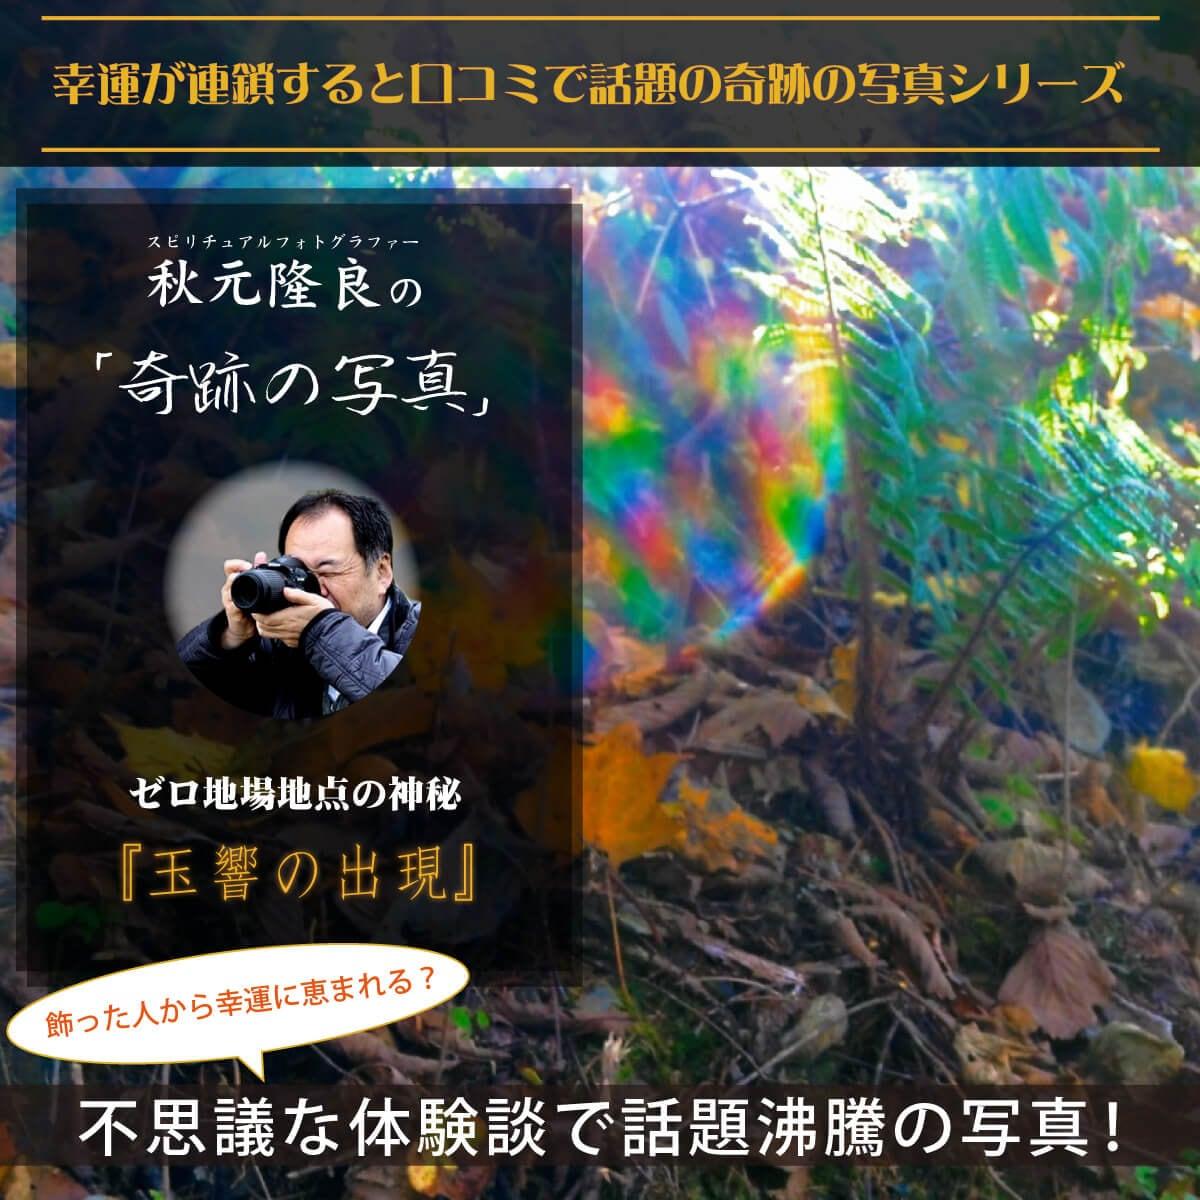 【奇跡の写真】玉響の出現 ≫飾るだけで幸運が連鎖すると話題!秋元隆良の開運フォト作品 開運グッズ